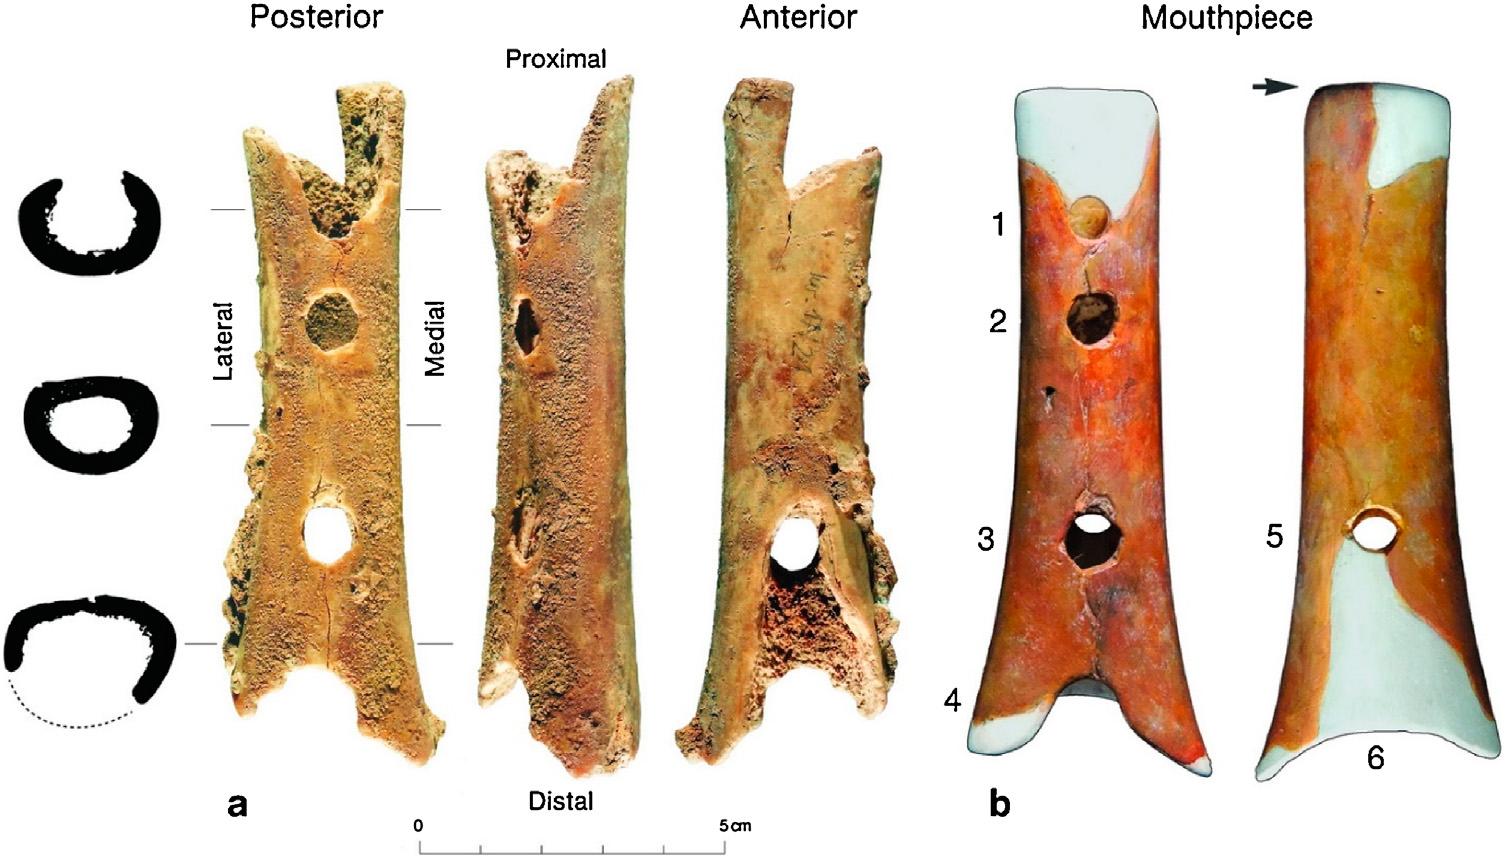 Кость со следами зубов гиены? Или «мустьерский духовой инструмент»? Цифрой 5 обозначено восстановленное «отверстие для большого пальца».